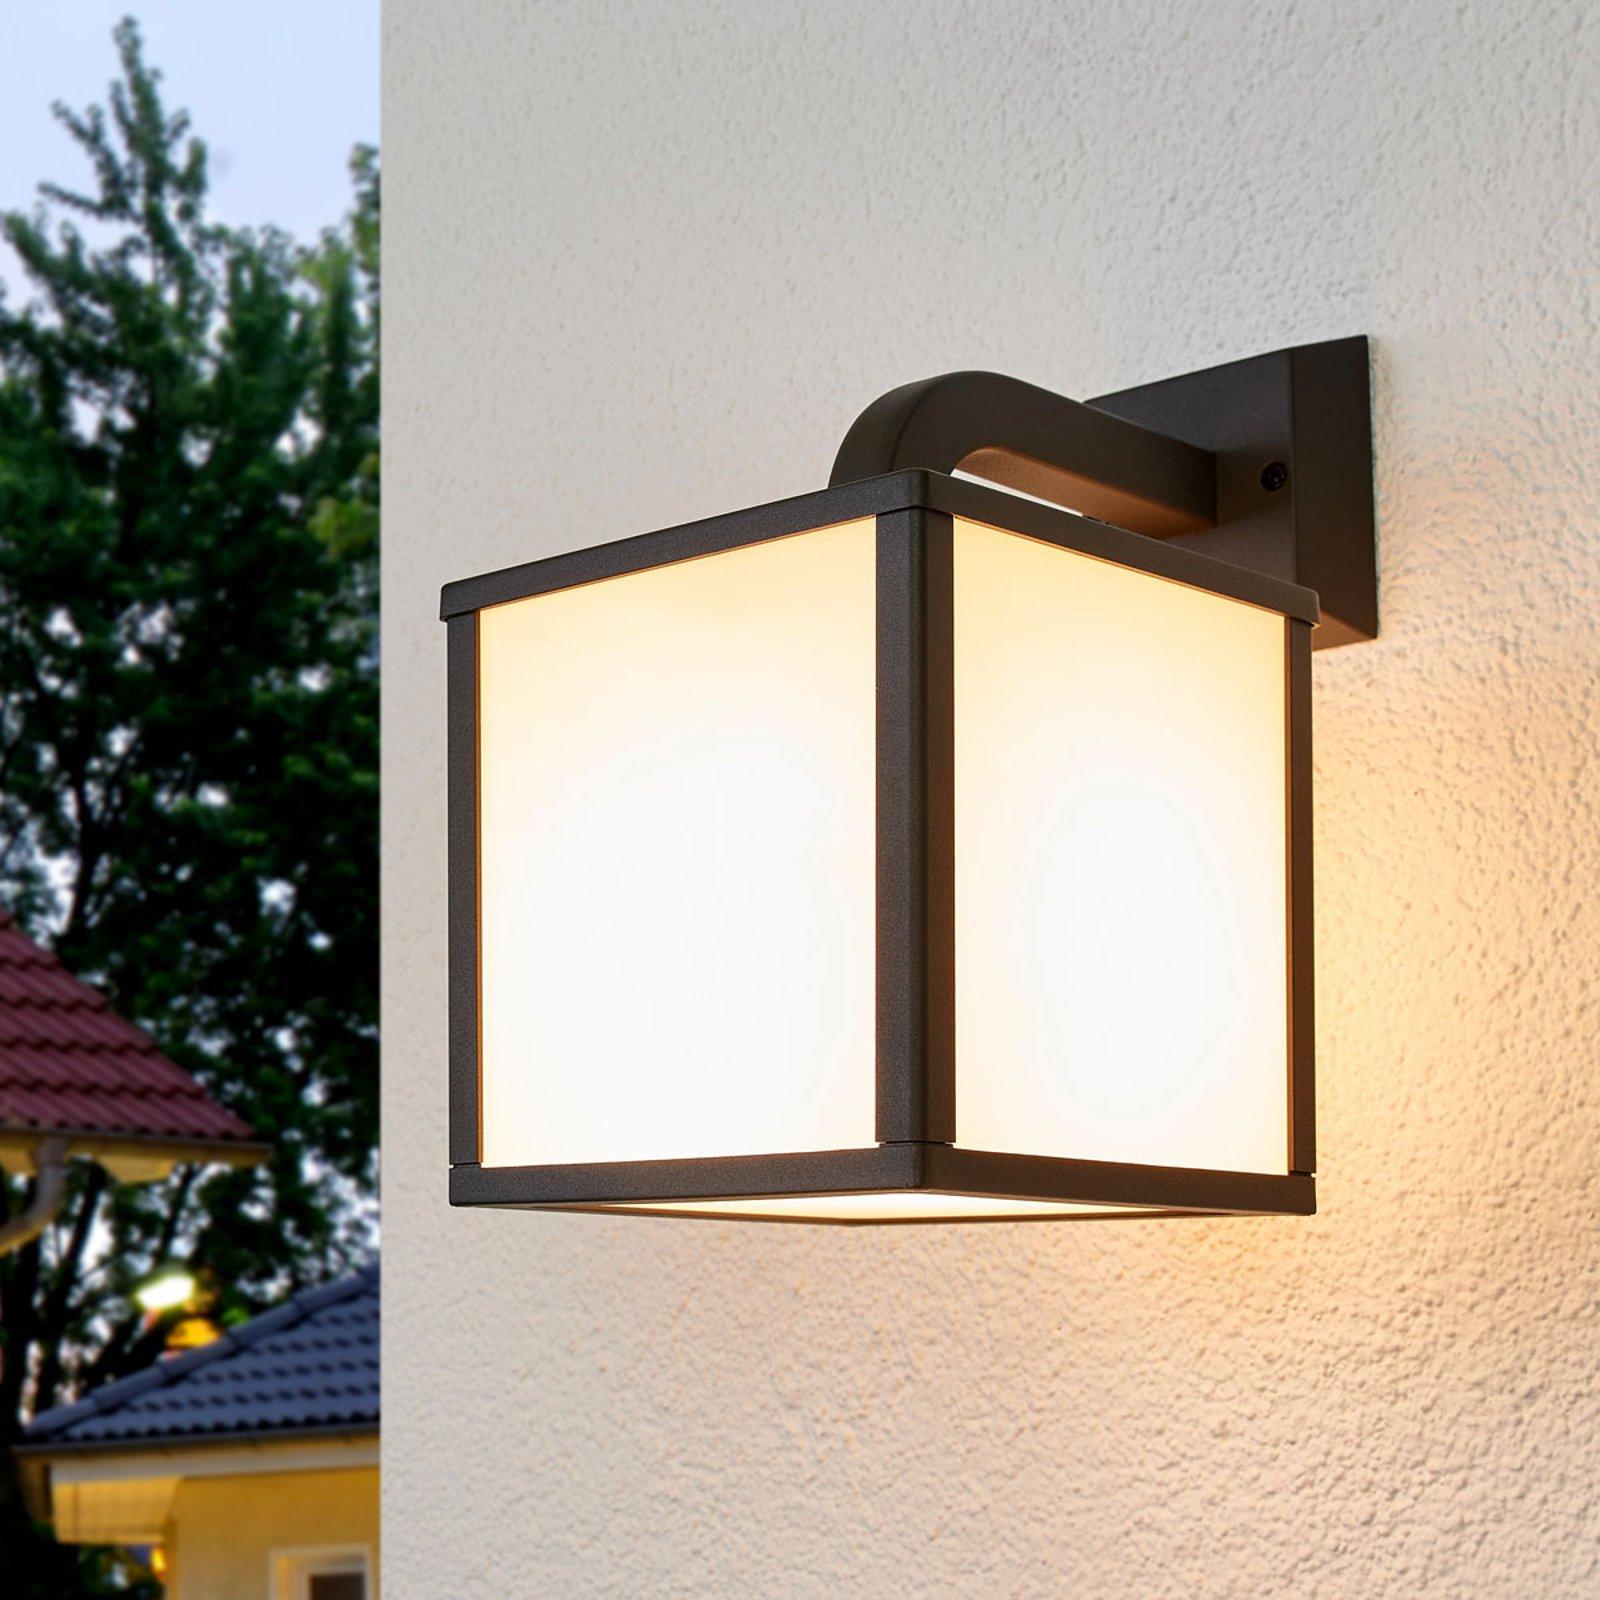 Utendørs LED-vegglampe Cubango, én kubeskjerm